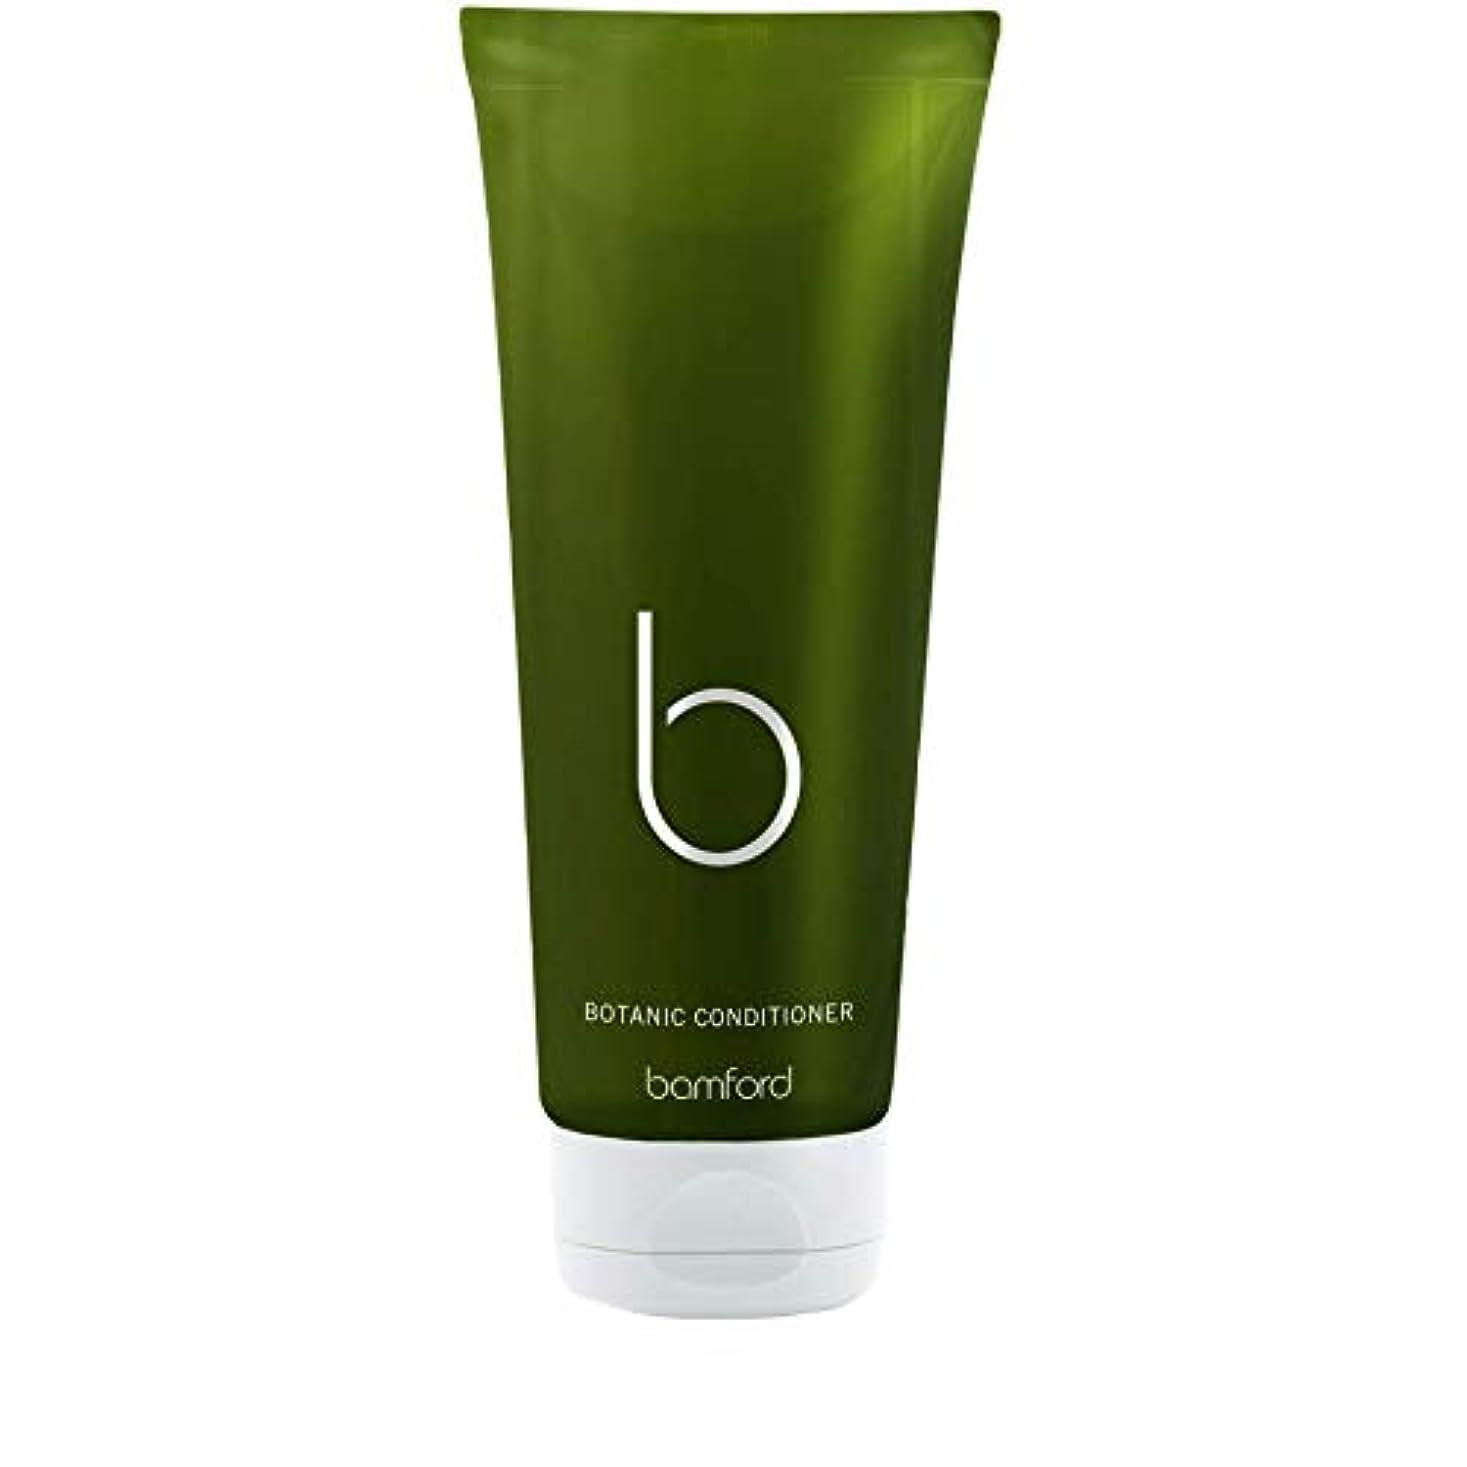 植物学エンティティぶどう[Bamford ] バンフォード植物コンディショナー200Ml - Bamford Botanic Conditioner 200ml [並行輸入品]